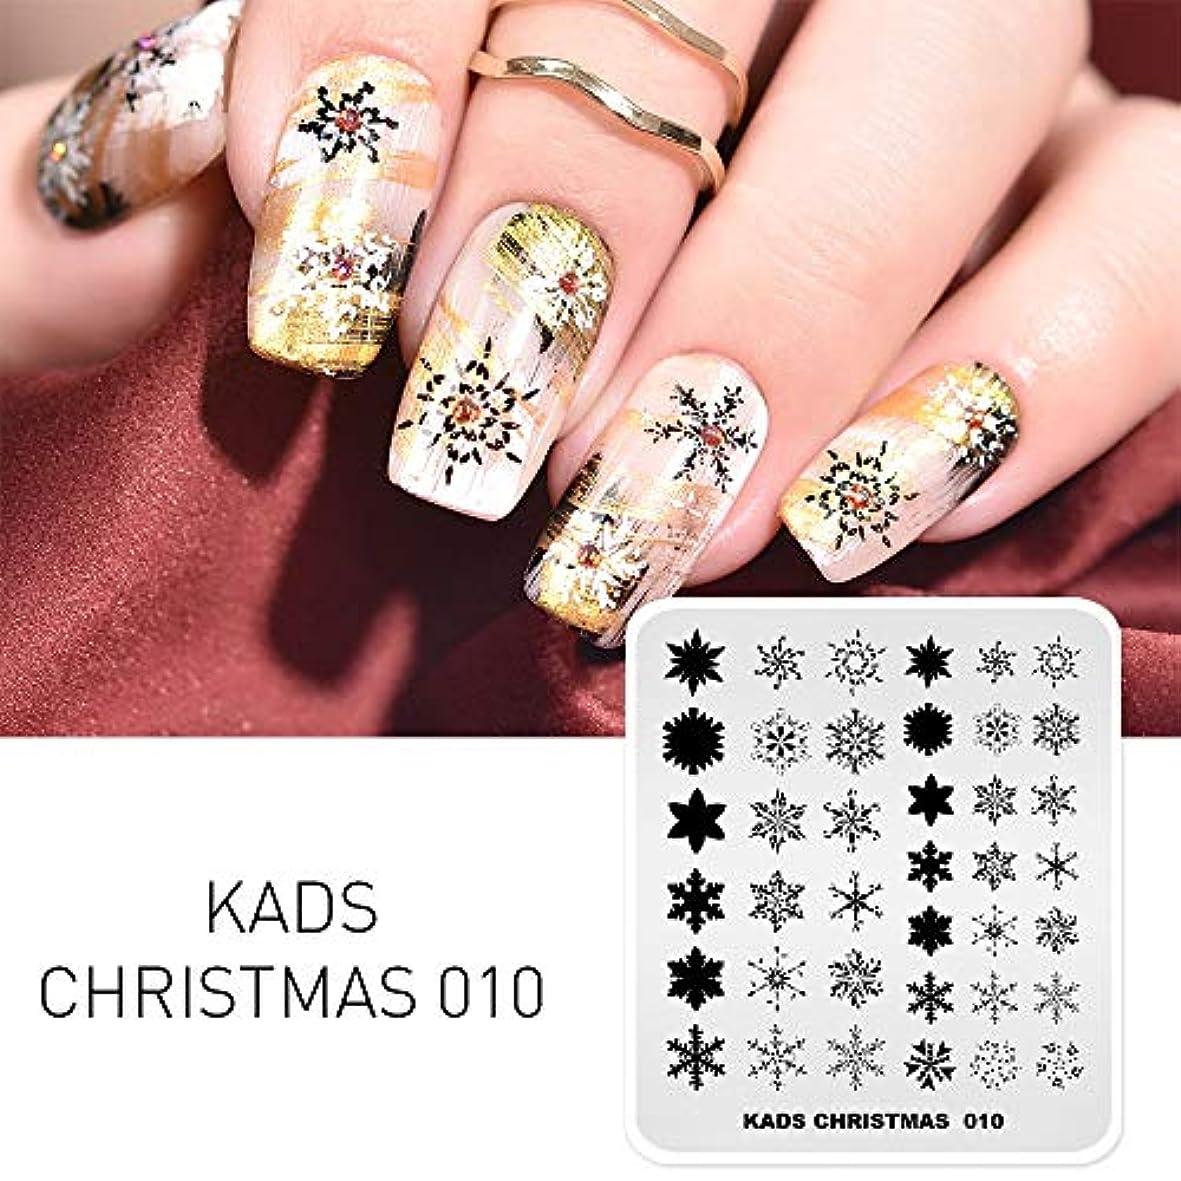 ギャロップ治安判事大声でKADS クリスマスネイルアートスタンピングプレート ネイルイメージプレート 美しい雪花 ネイルアートツール(CH010)